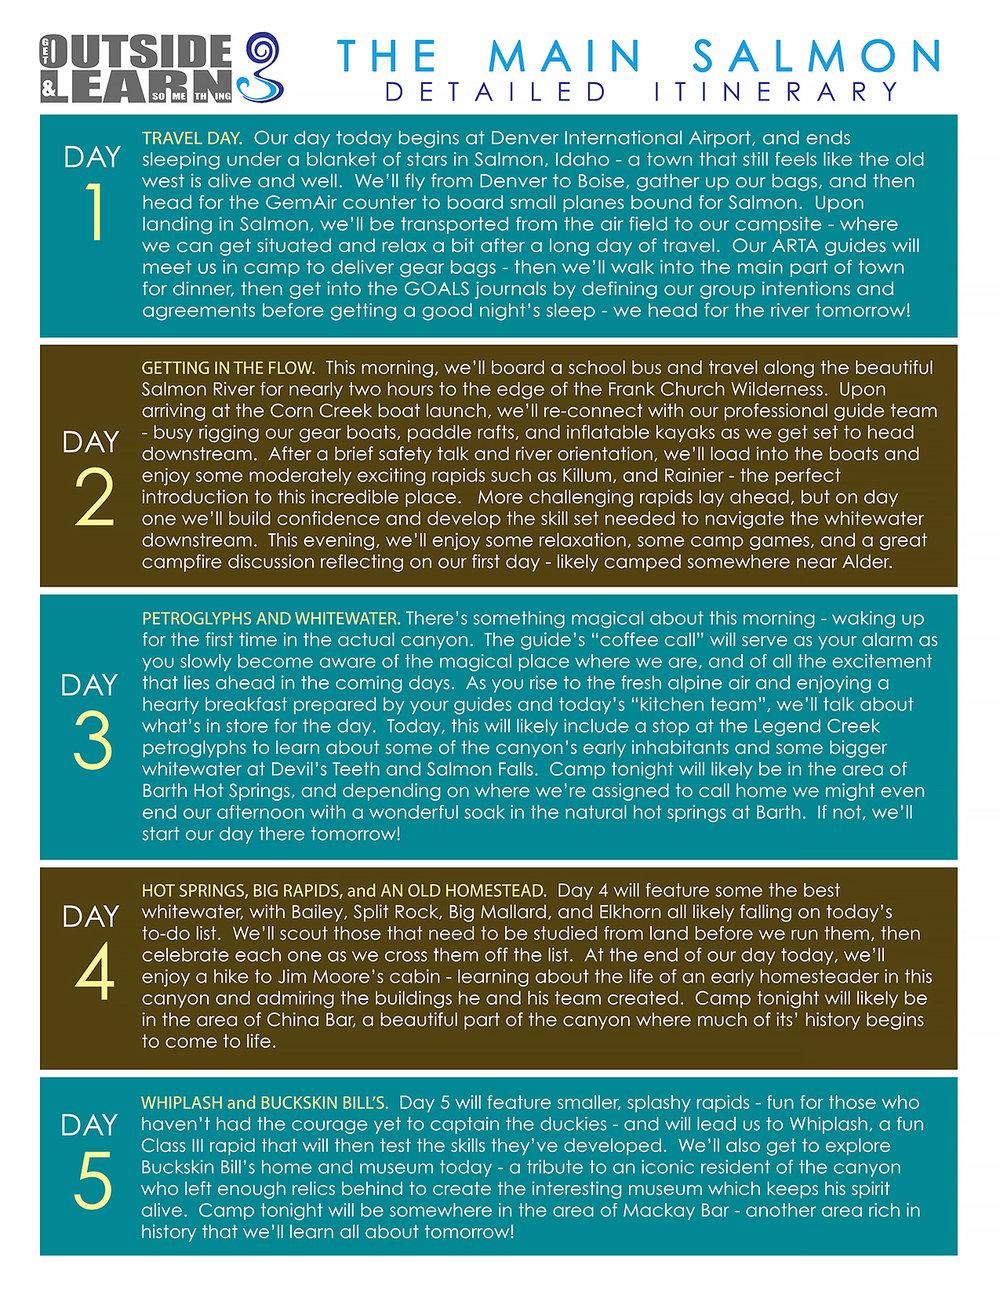 Itinerary - Main Salmon1.jpg